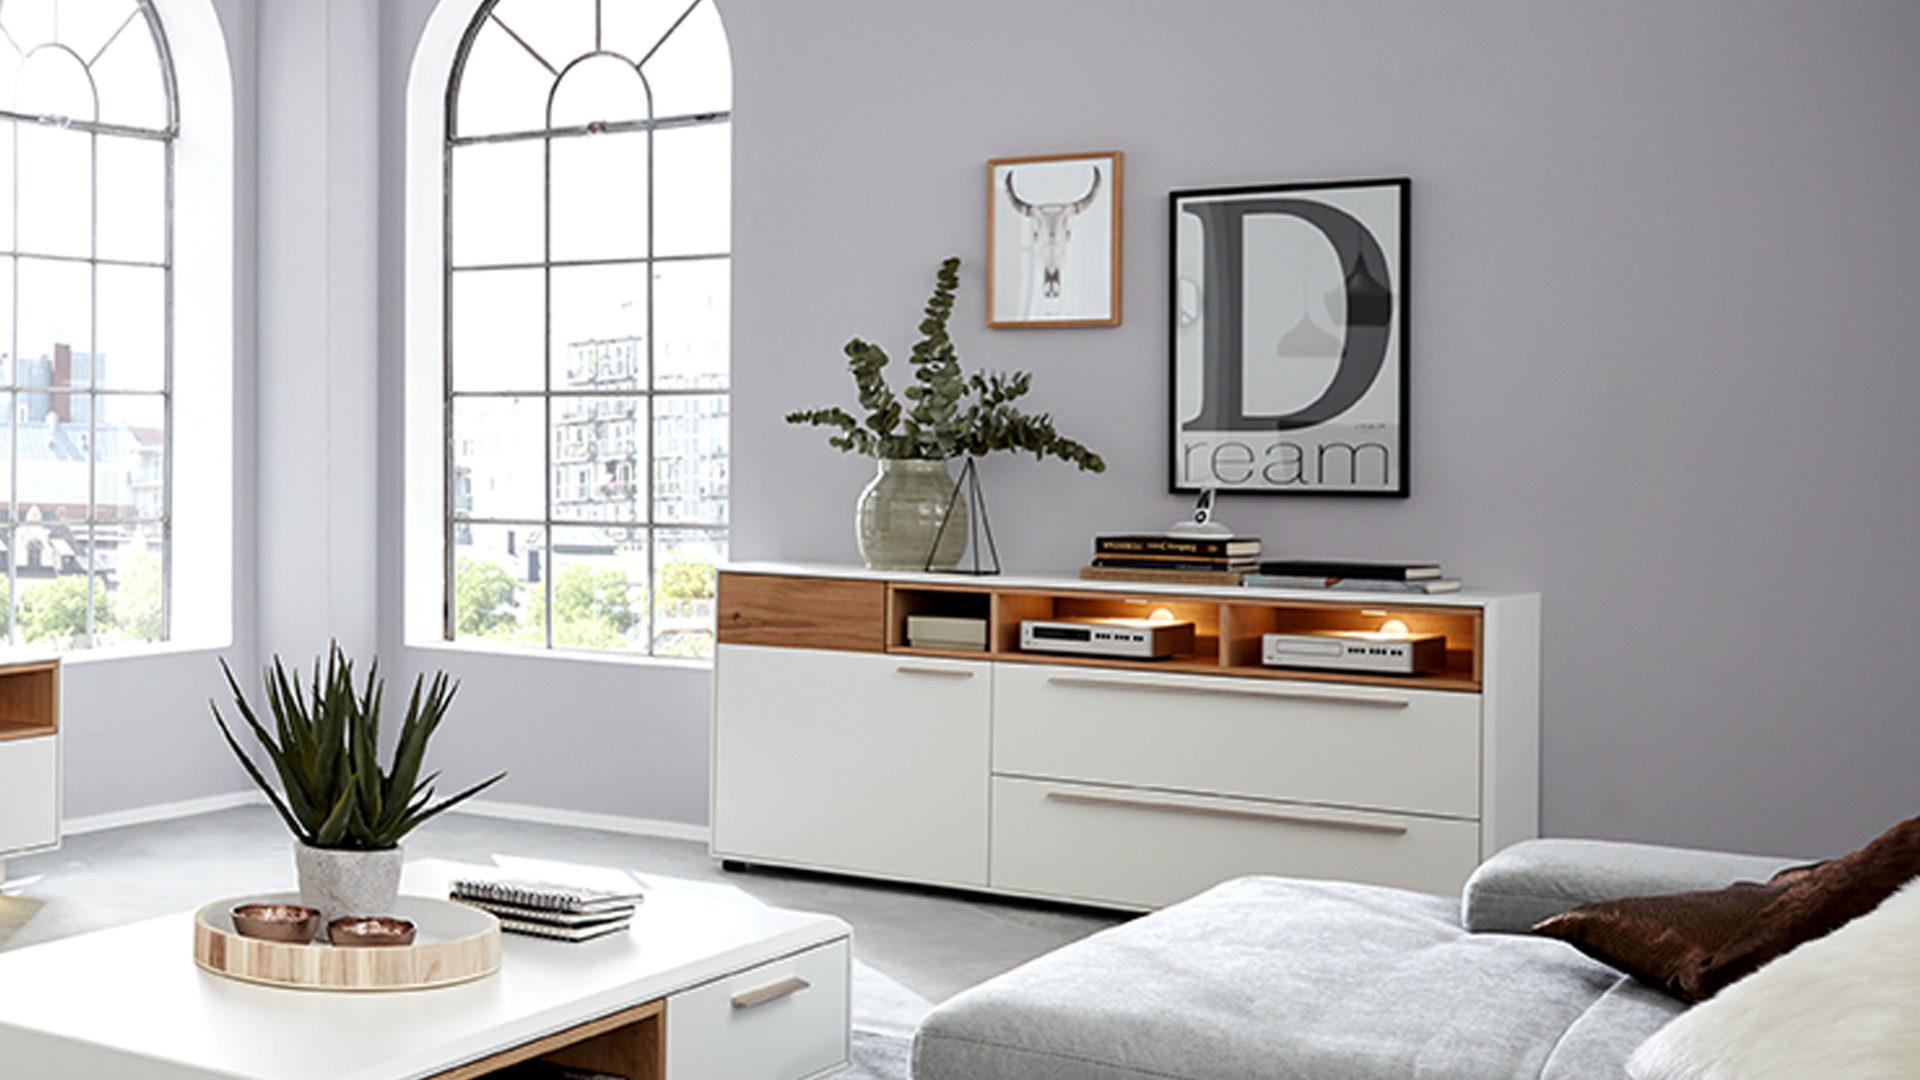 Interliving Wohnzimmer Serie 17 – Sideboard 17 mit Beleuchtung,  helles Asteiche-Furnier & weißer Mattlack – eine Tür